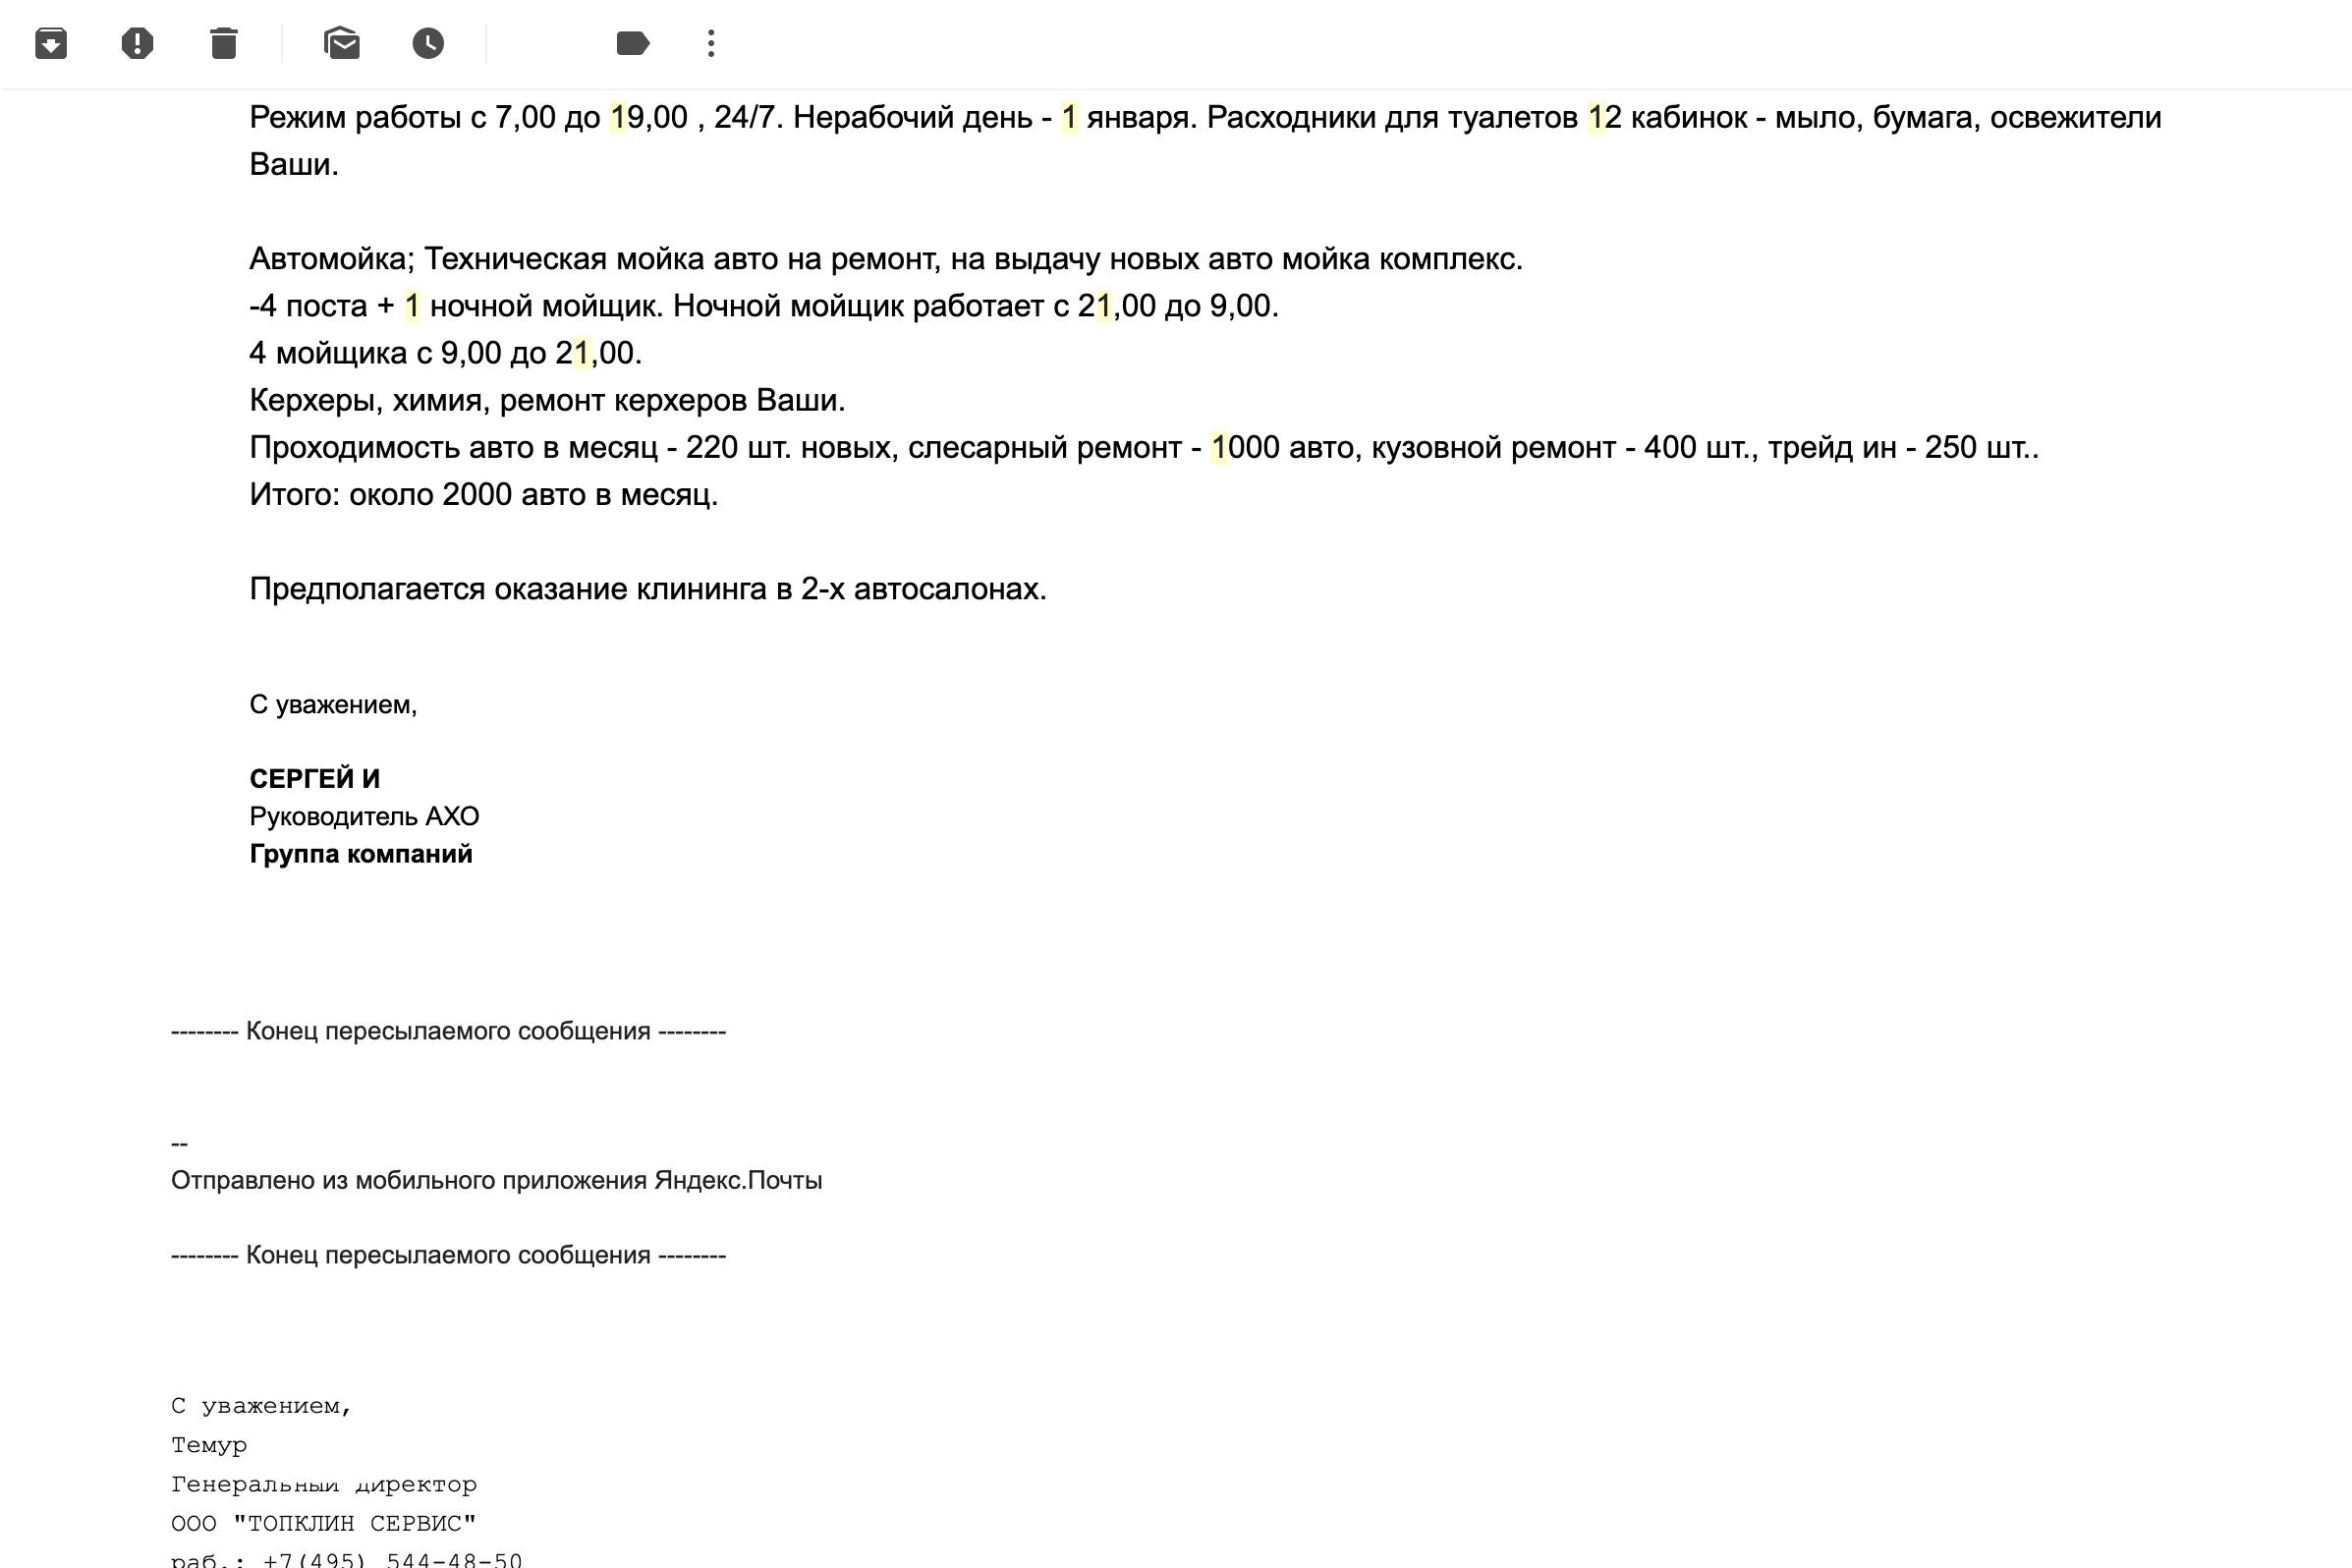 Отзыв скрин 49 - изображение отзыва